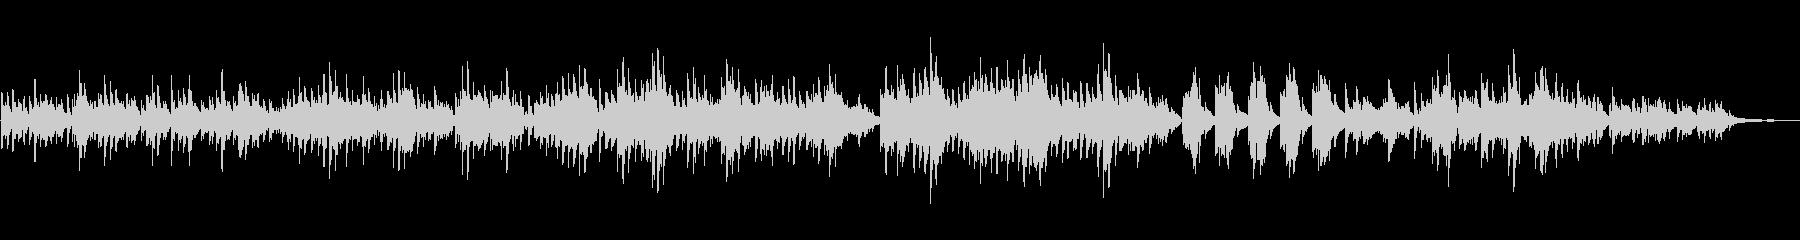 生ピアノソロ・枯葉がはらはら落ちるの未再生の波形